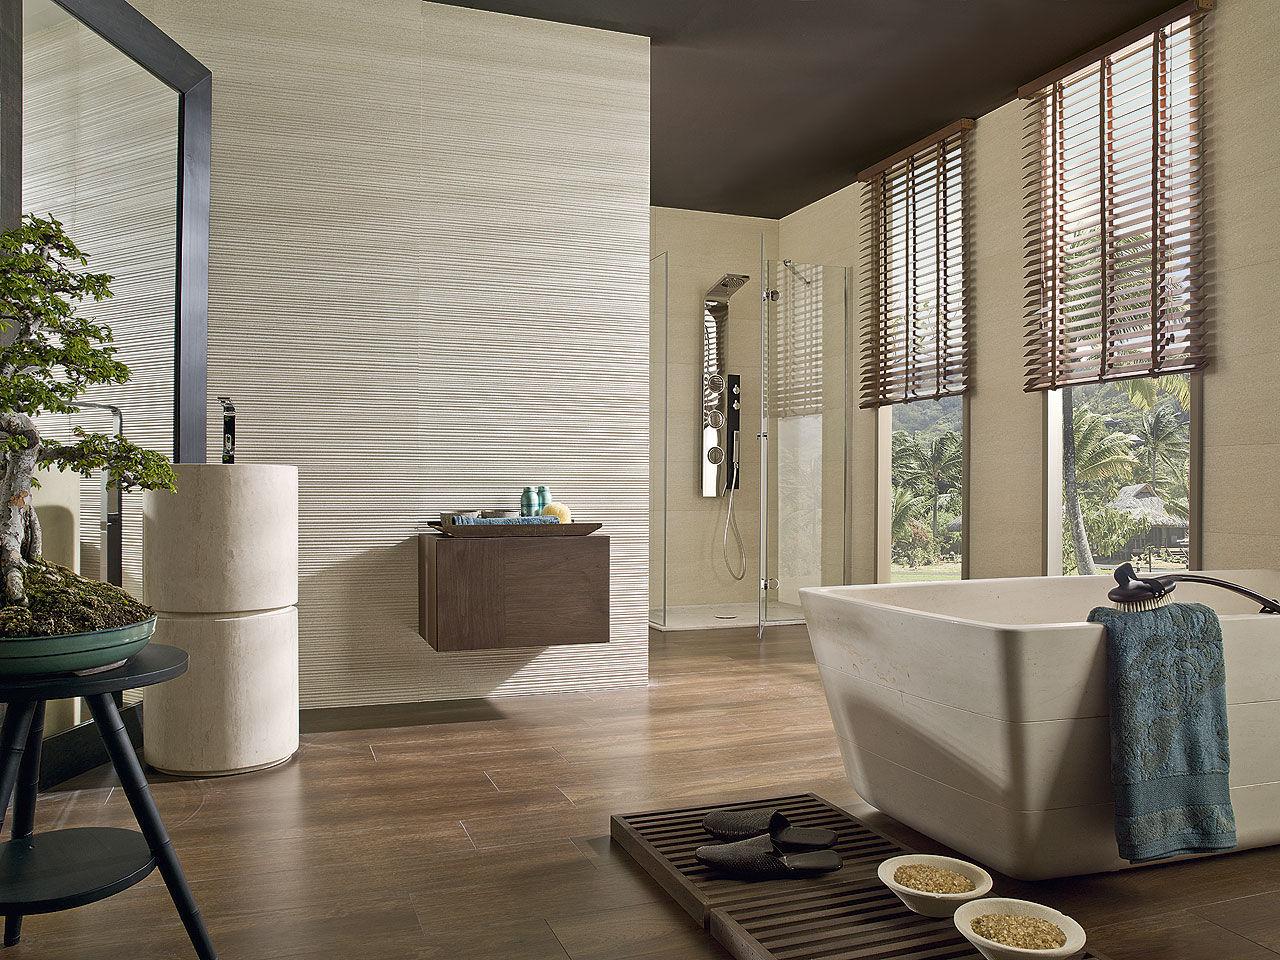 piastrella-bagno-indoor-parete-ceramica-12-6401509